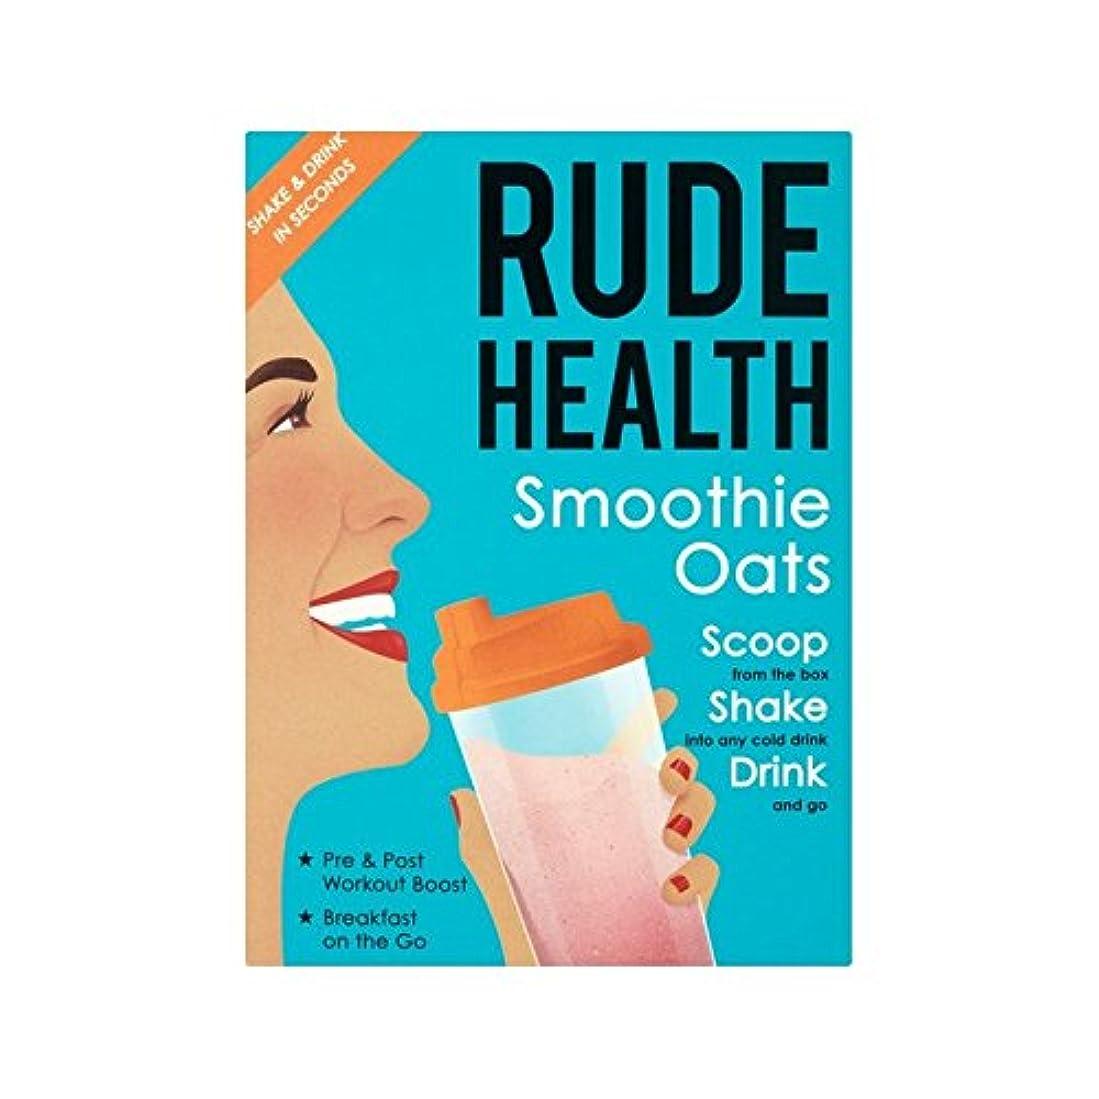 適切なルアー幅スムージーオート麦250グラム (Rude Health) (x 4) - Rude Health Smoothie Oats 250g (Pack of 4) [並行輸入品]